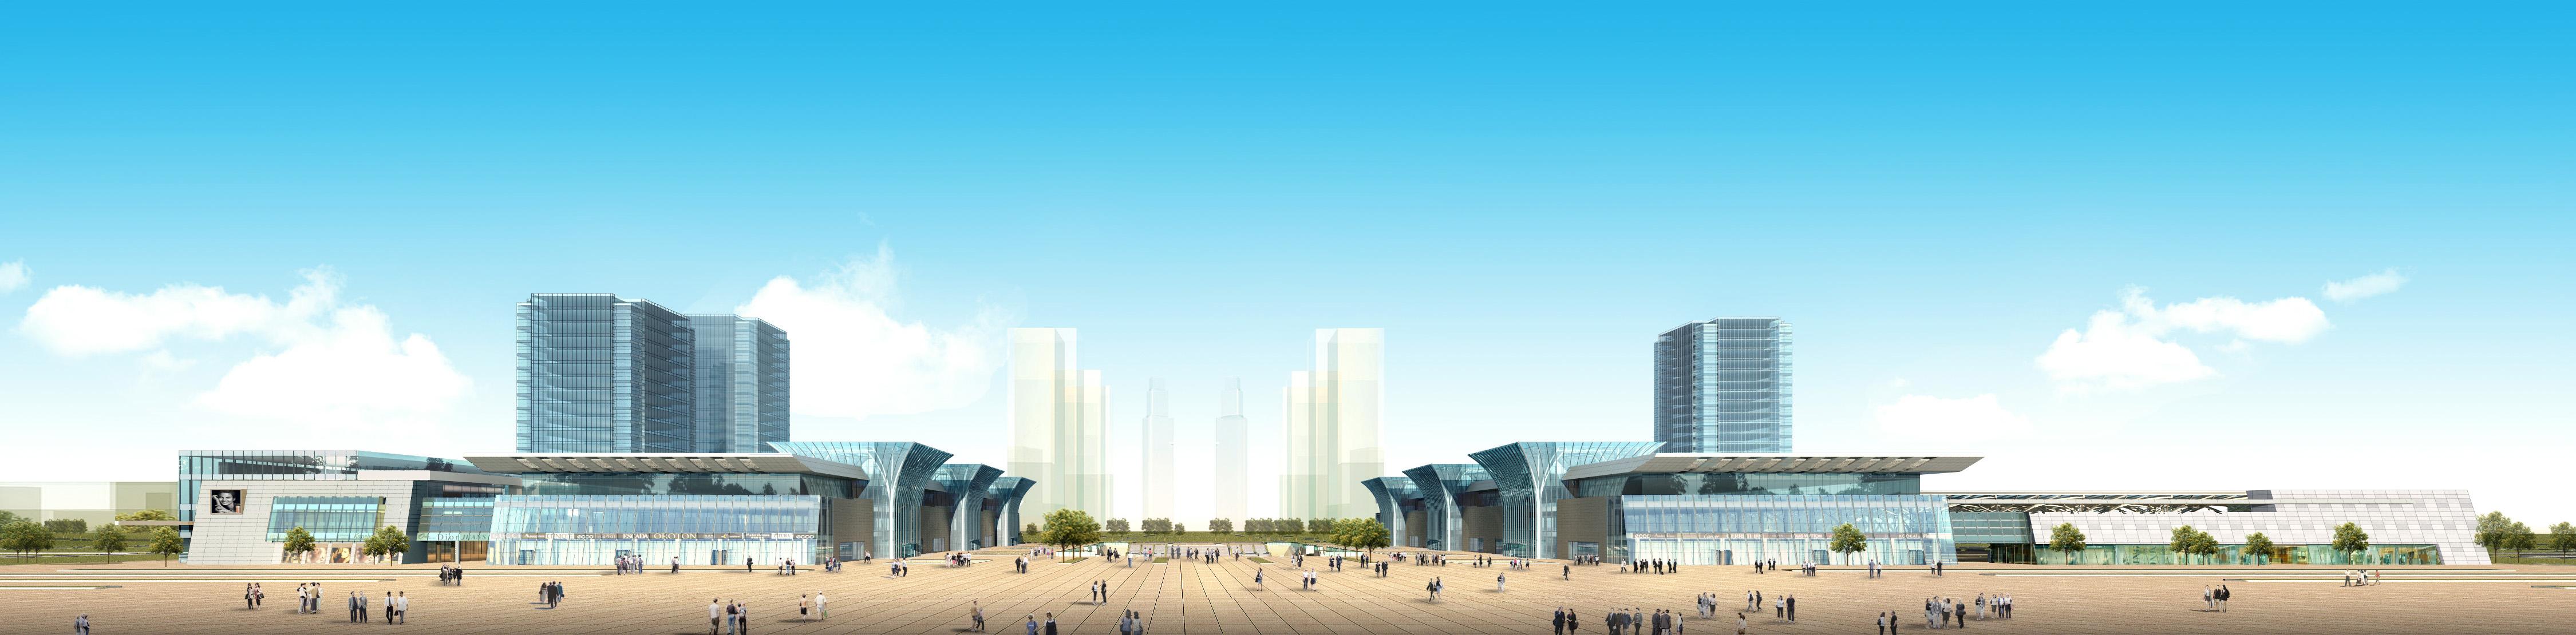 高铁西客站东广场,绿色医院设计研究所